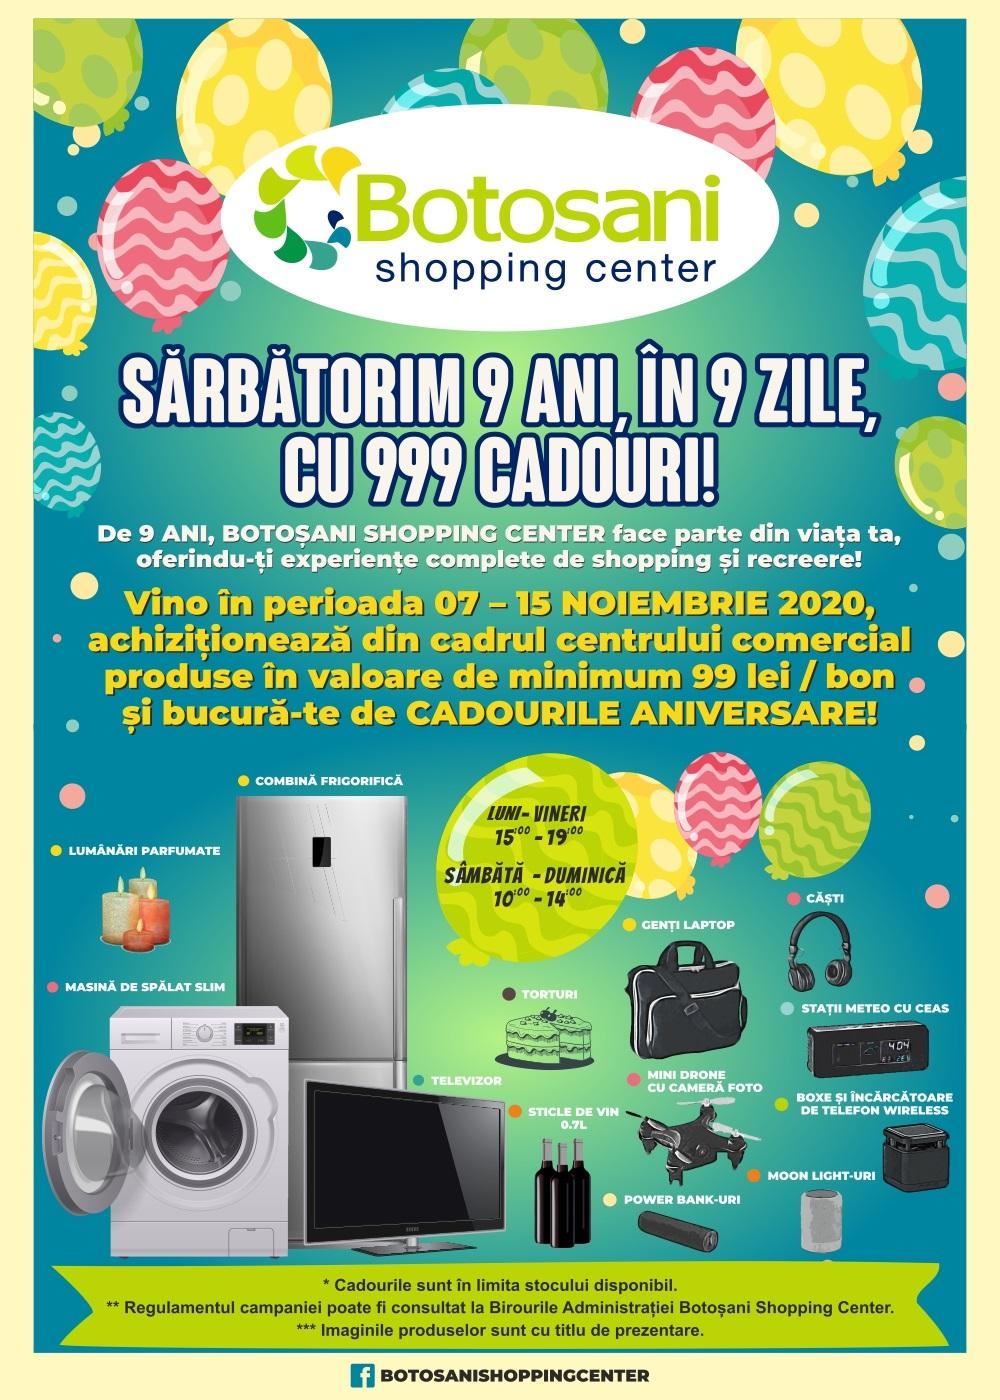 Aniversare_9_Ani_Botosani_Shopping_Center_web